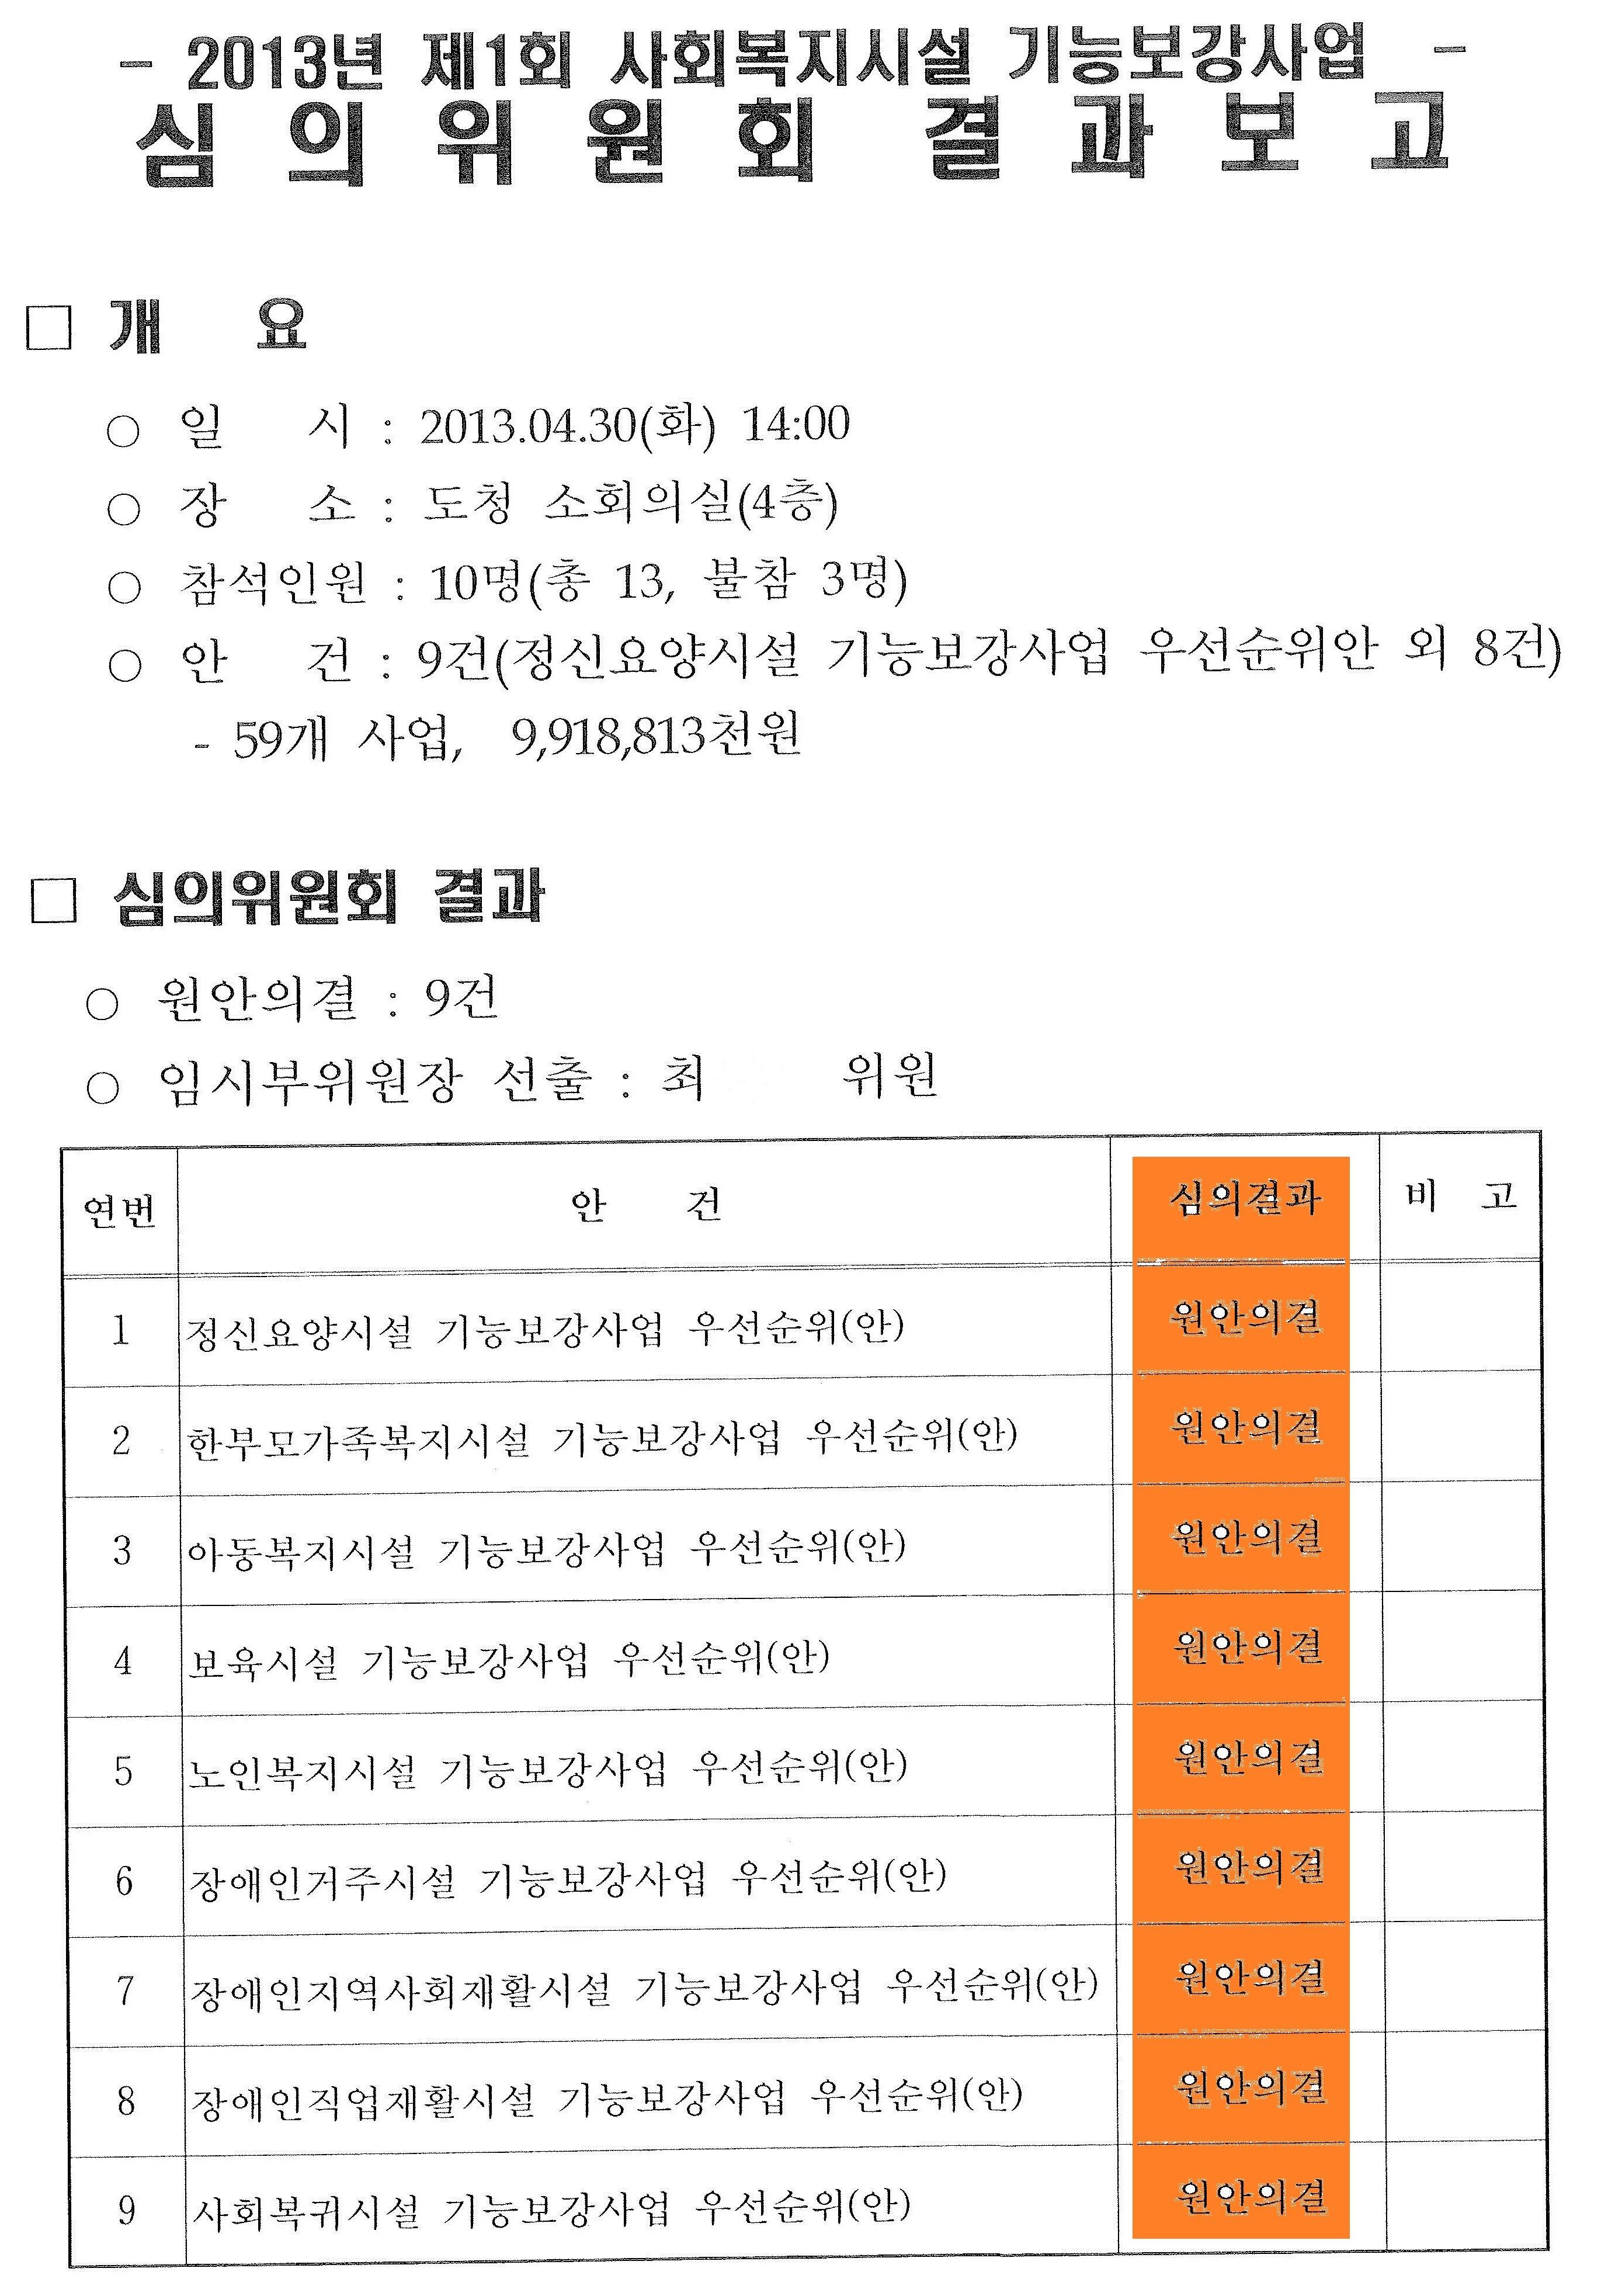 2013.5.2 전북 사회복지시설 기능보강사업 심의위원회 결과보고.jpg